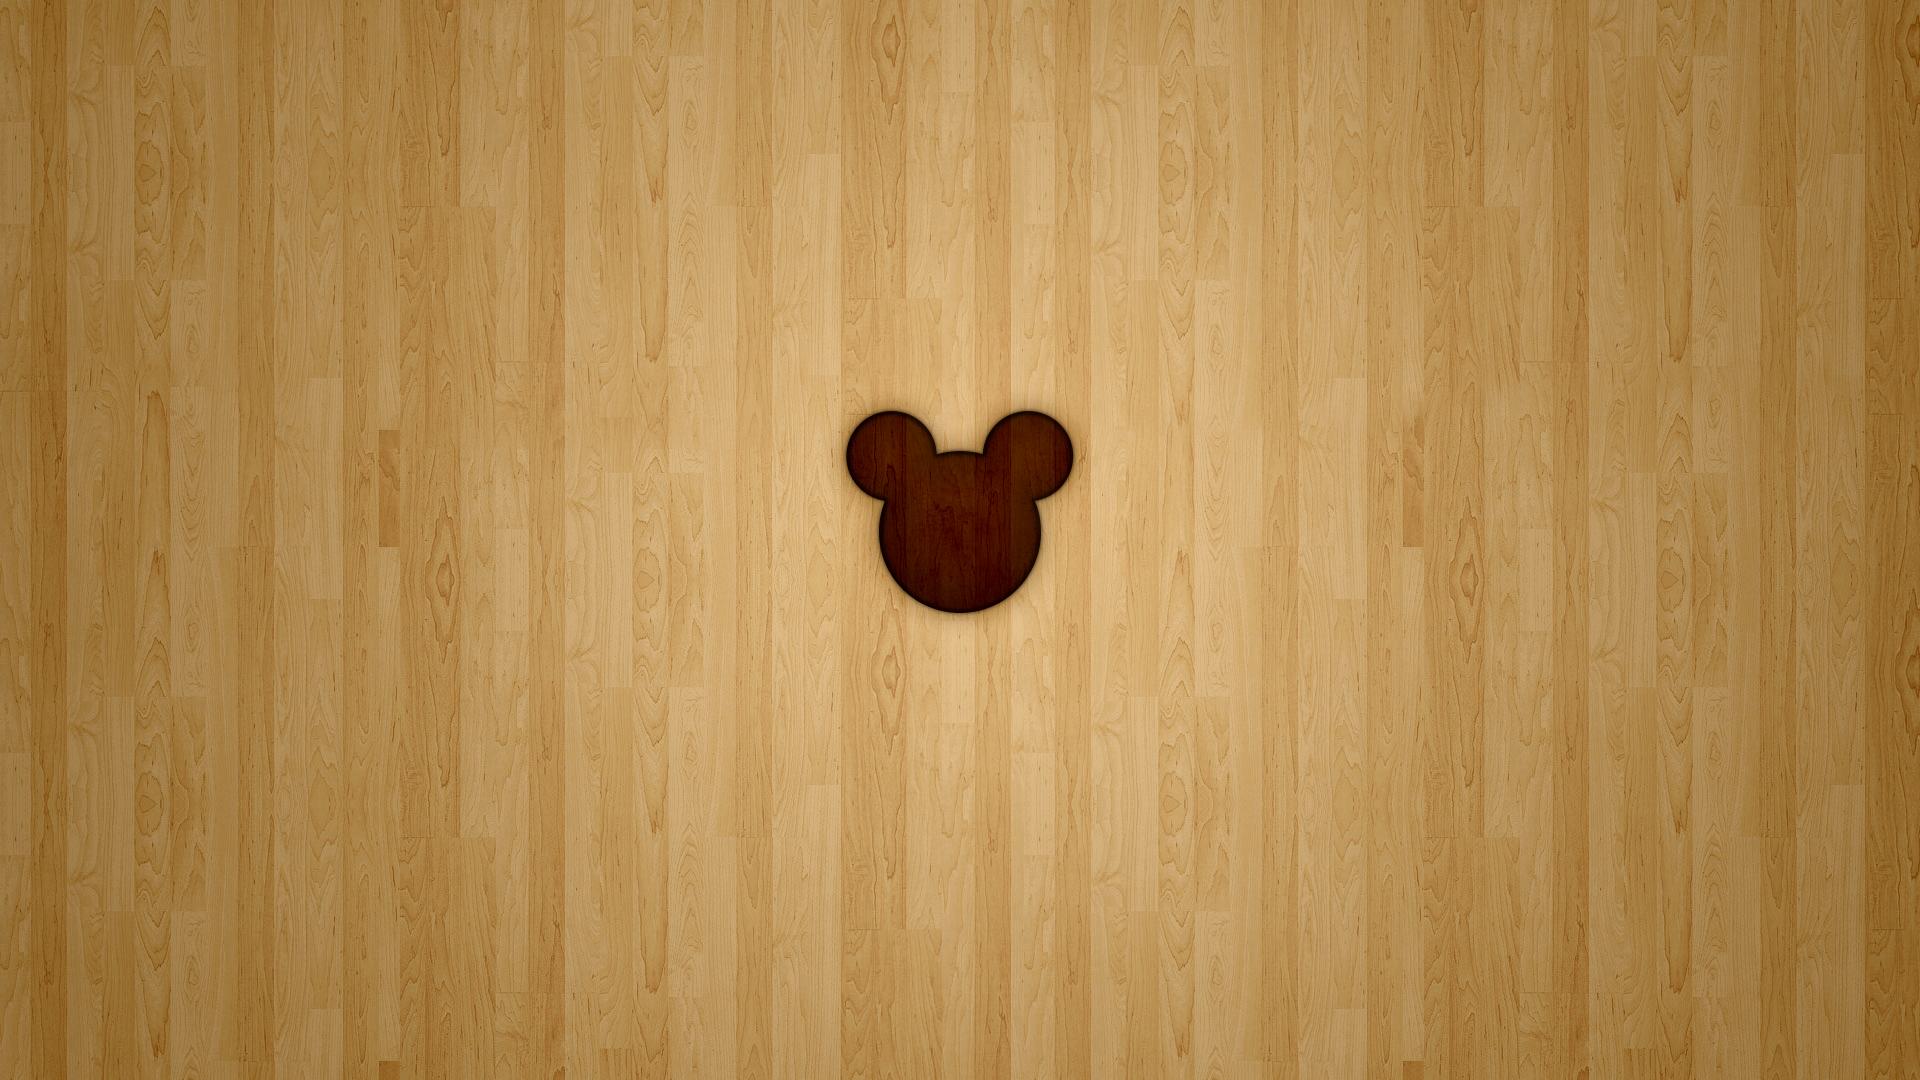 Mickey Disney Minimalistic Wood Wallpaper Disney Minimalist